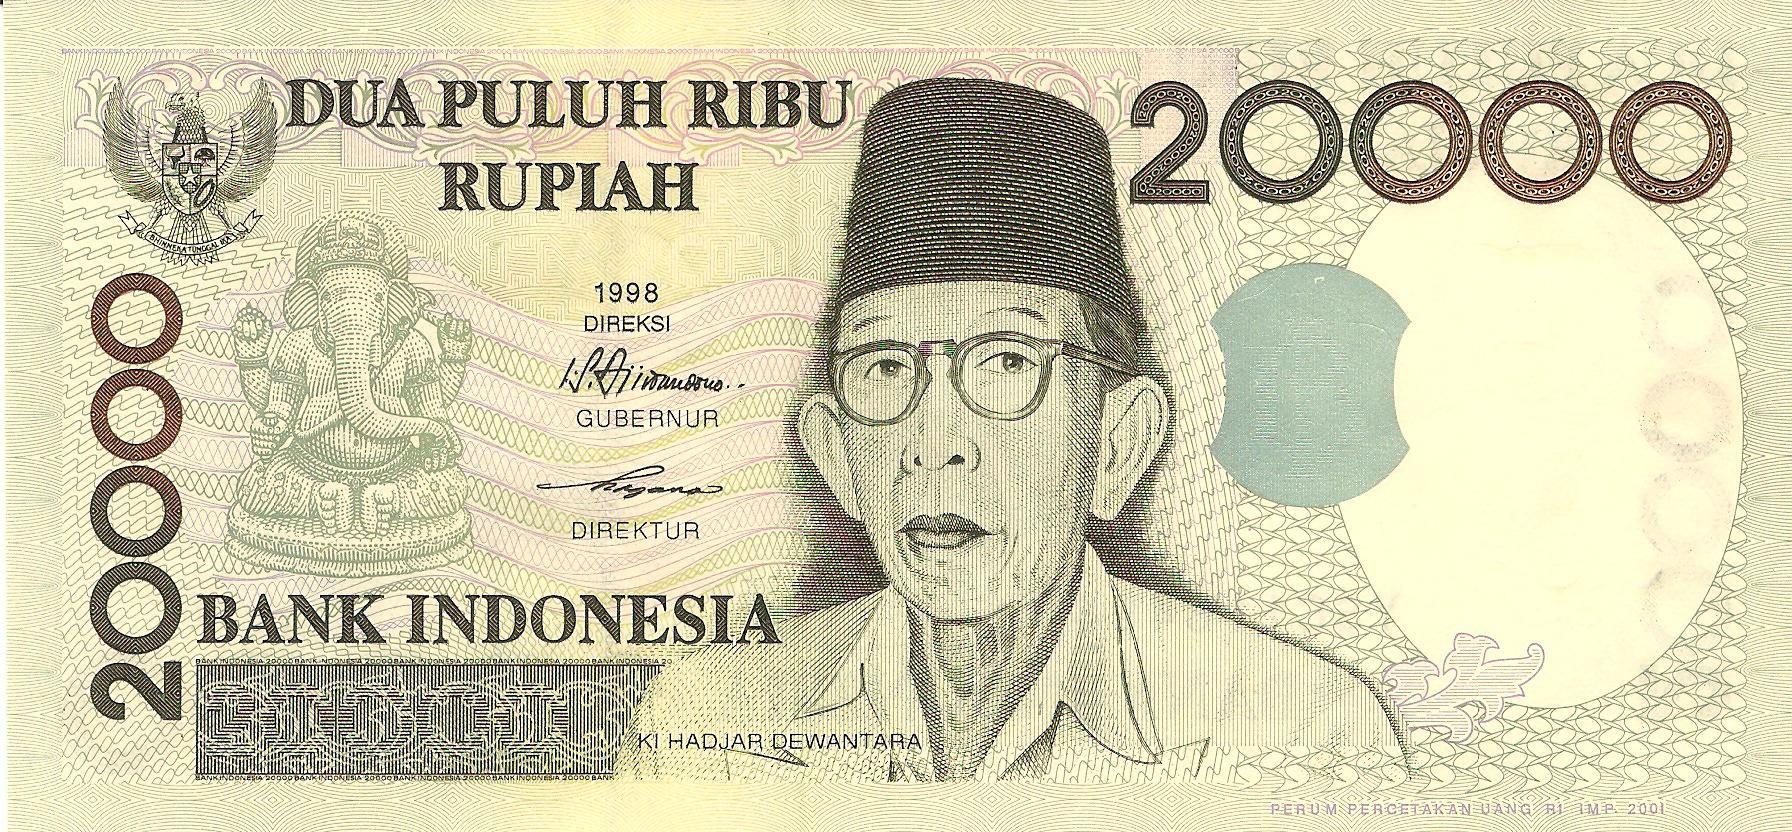 20000 Indonesian Rupiah Indonesia, Uang, Gambar